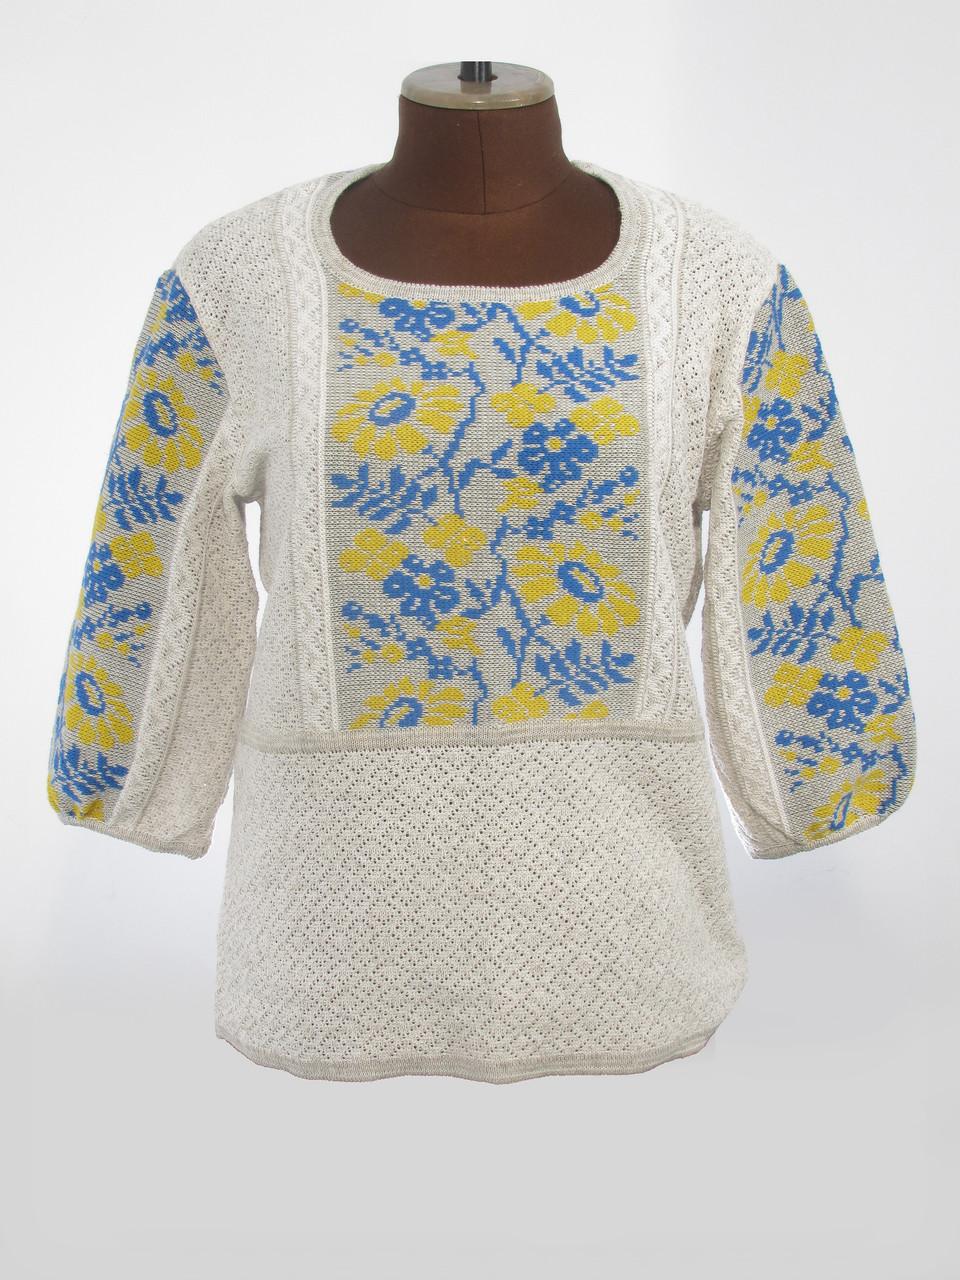 Женская рубашка вязаная Ромашки желто-синие (3/4 рукав)